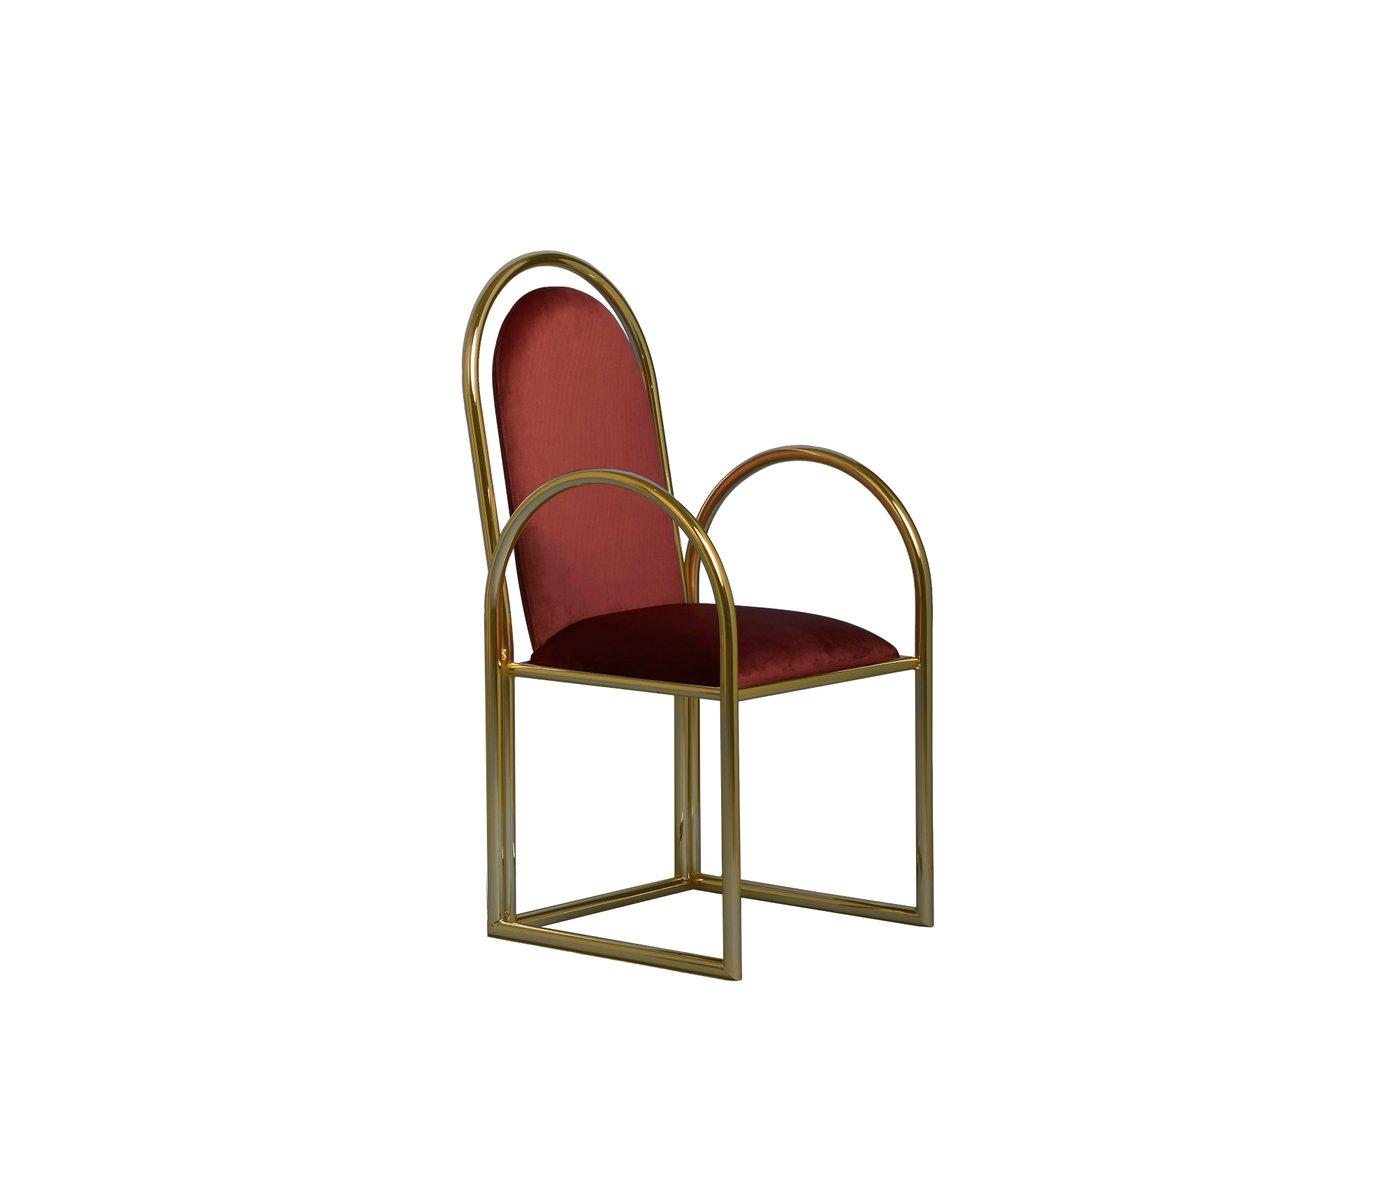 Arco Stuhl Von Masquespacio Für Houtique Bei Pamono Kaufen